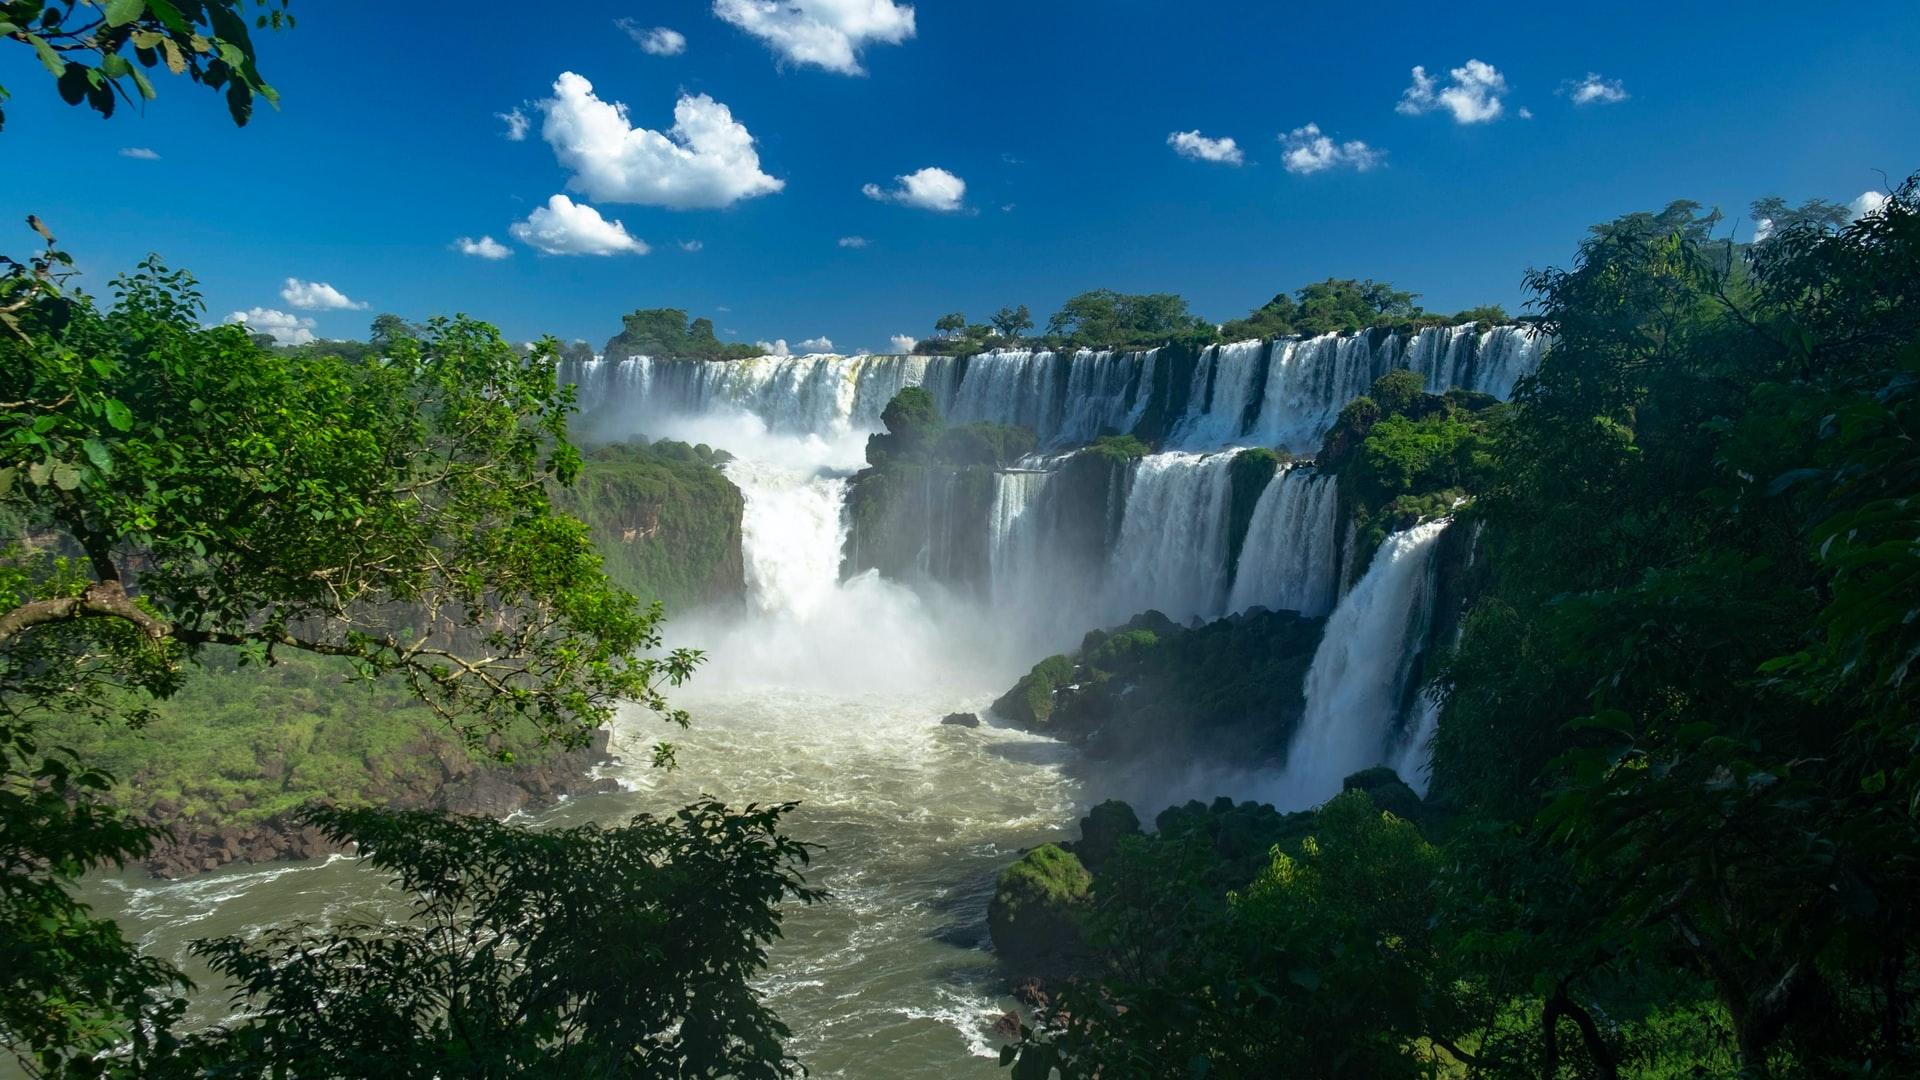 lado argentina das cataratas do Iguazu conhecido como Iguazu Falls